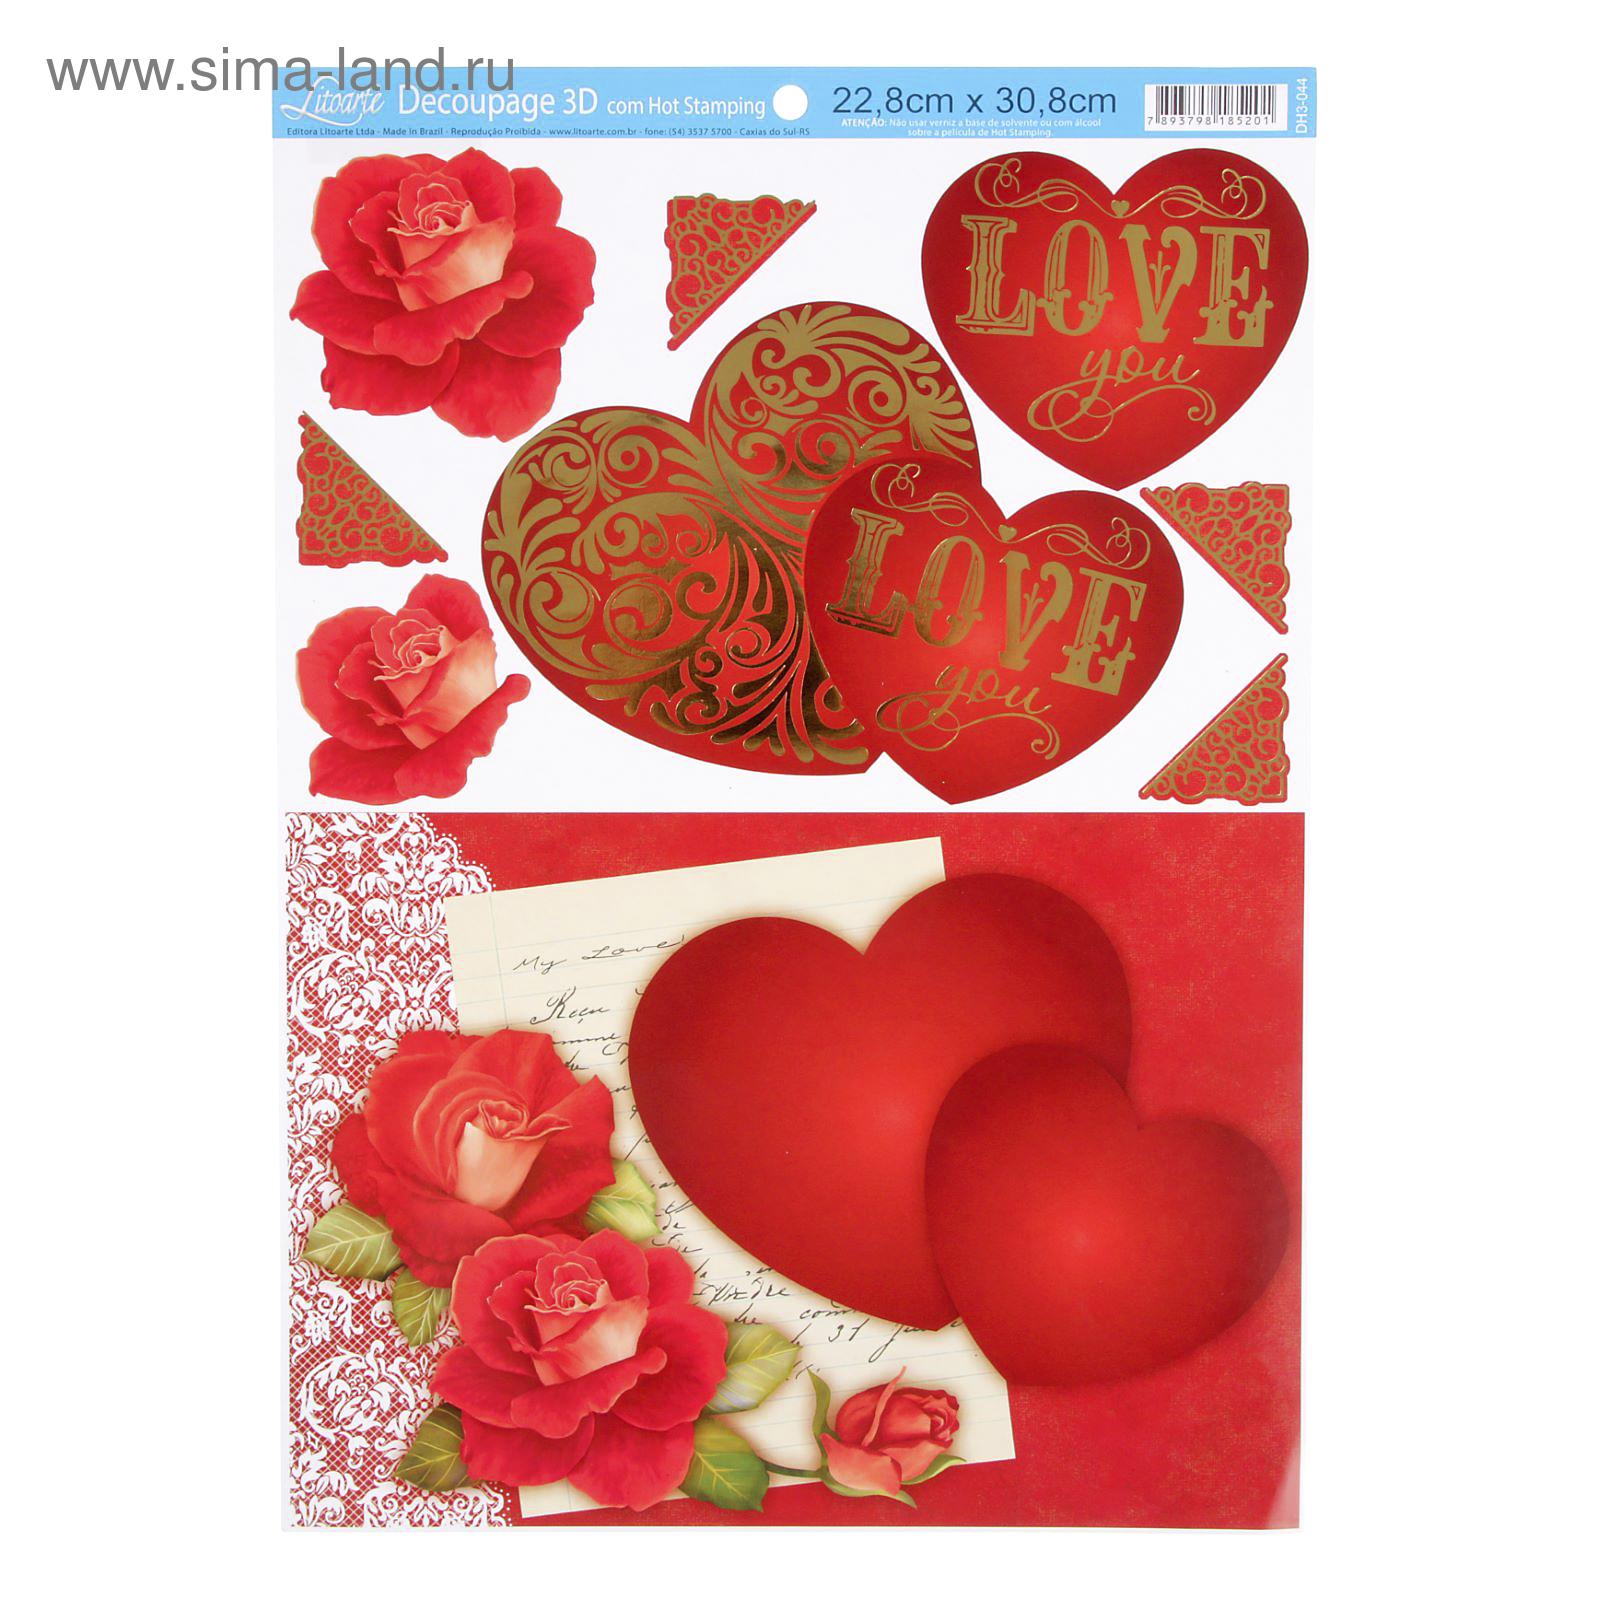 Декупажная бумага 3D Love 22,8х30,8 см